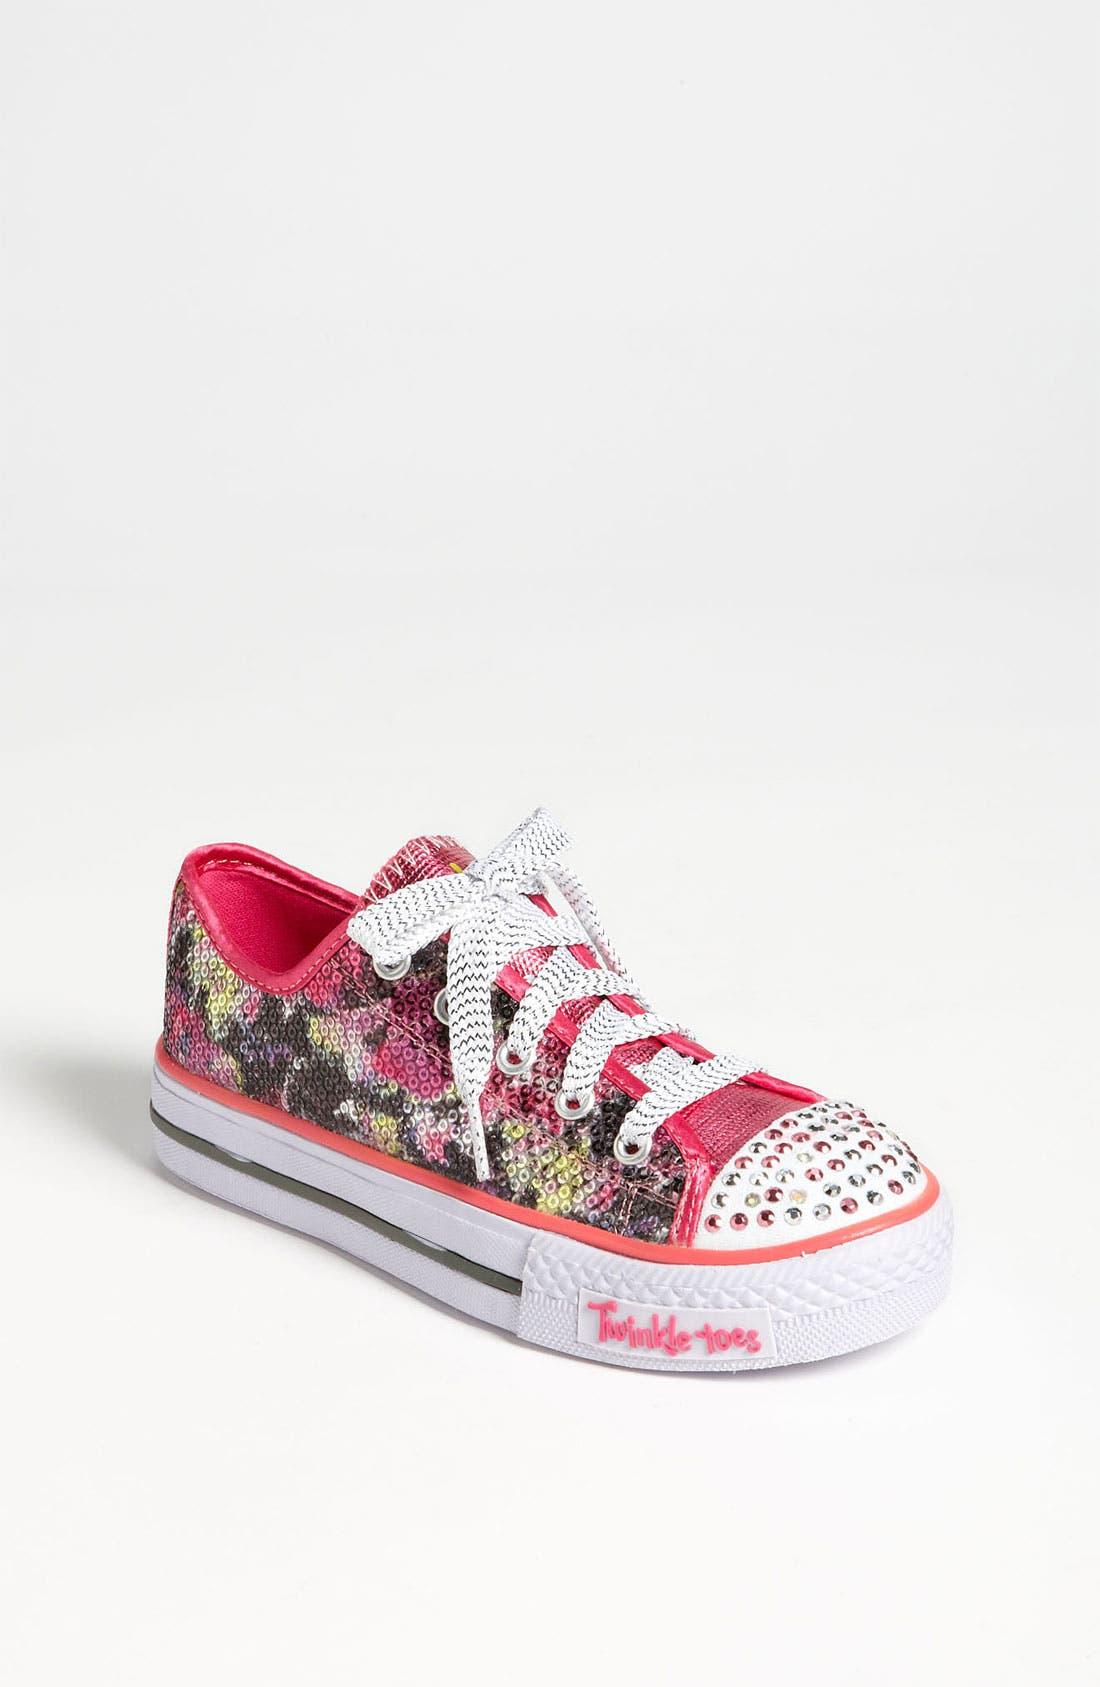 Main Image - SKECHERS 'Shuffle Ups' Light-Up Sneaker (Toddler & Little Kid)